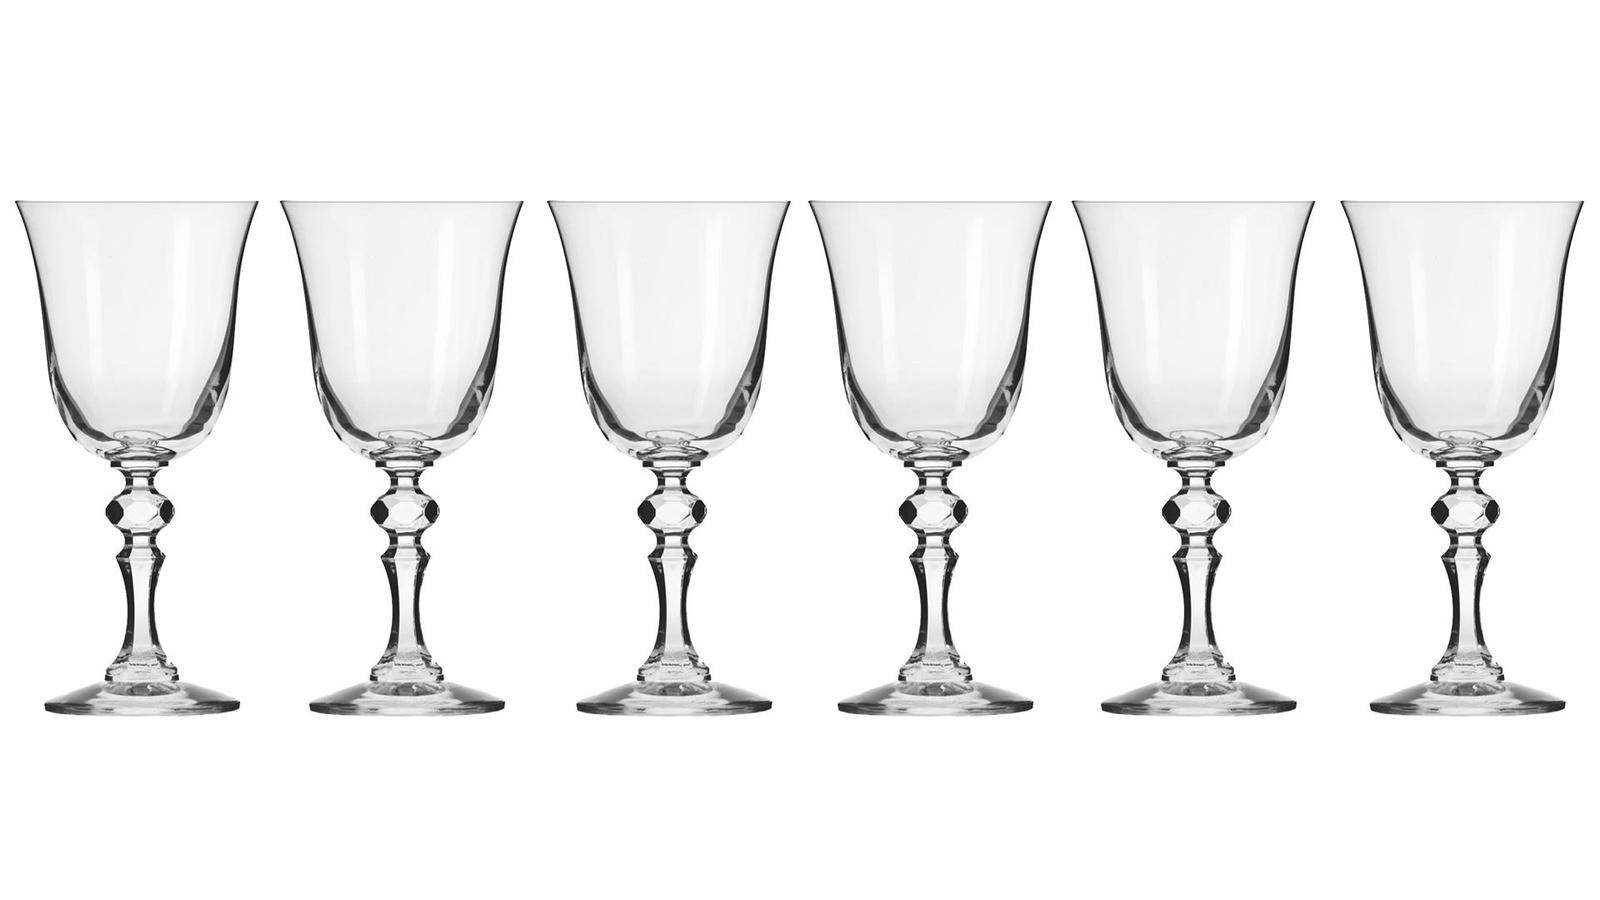 Набор бокалов Krosno KRO-F576030022086EJ0-6, СтеклоKRO-F576030022086EJ0-6Коллекция «Романтика» представляет собой широкую линейку питейных бокалов и предметов ручной работы, отличающуюся красивым дизайном и элегантной формой. Коллекция выполнена в классическом стиле. В ассортименте коллекции присутствуют: кувшины, графины, чаши, вазы и различные виды бокалов и стаканов, которые в совокупности создают изысканное и гармоничное целое. Каждый предмет из коллекции обладает интересным оптическим эффектом. Коллекция «Романтика» — это сочетание изысканности и классического стиля, она будет идеальна как для семейного ужина, так и для праздничной вечеринки. Предметы из коллекции созданы вручную, их можно мыть в посудомоечной машине.